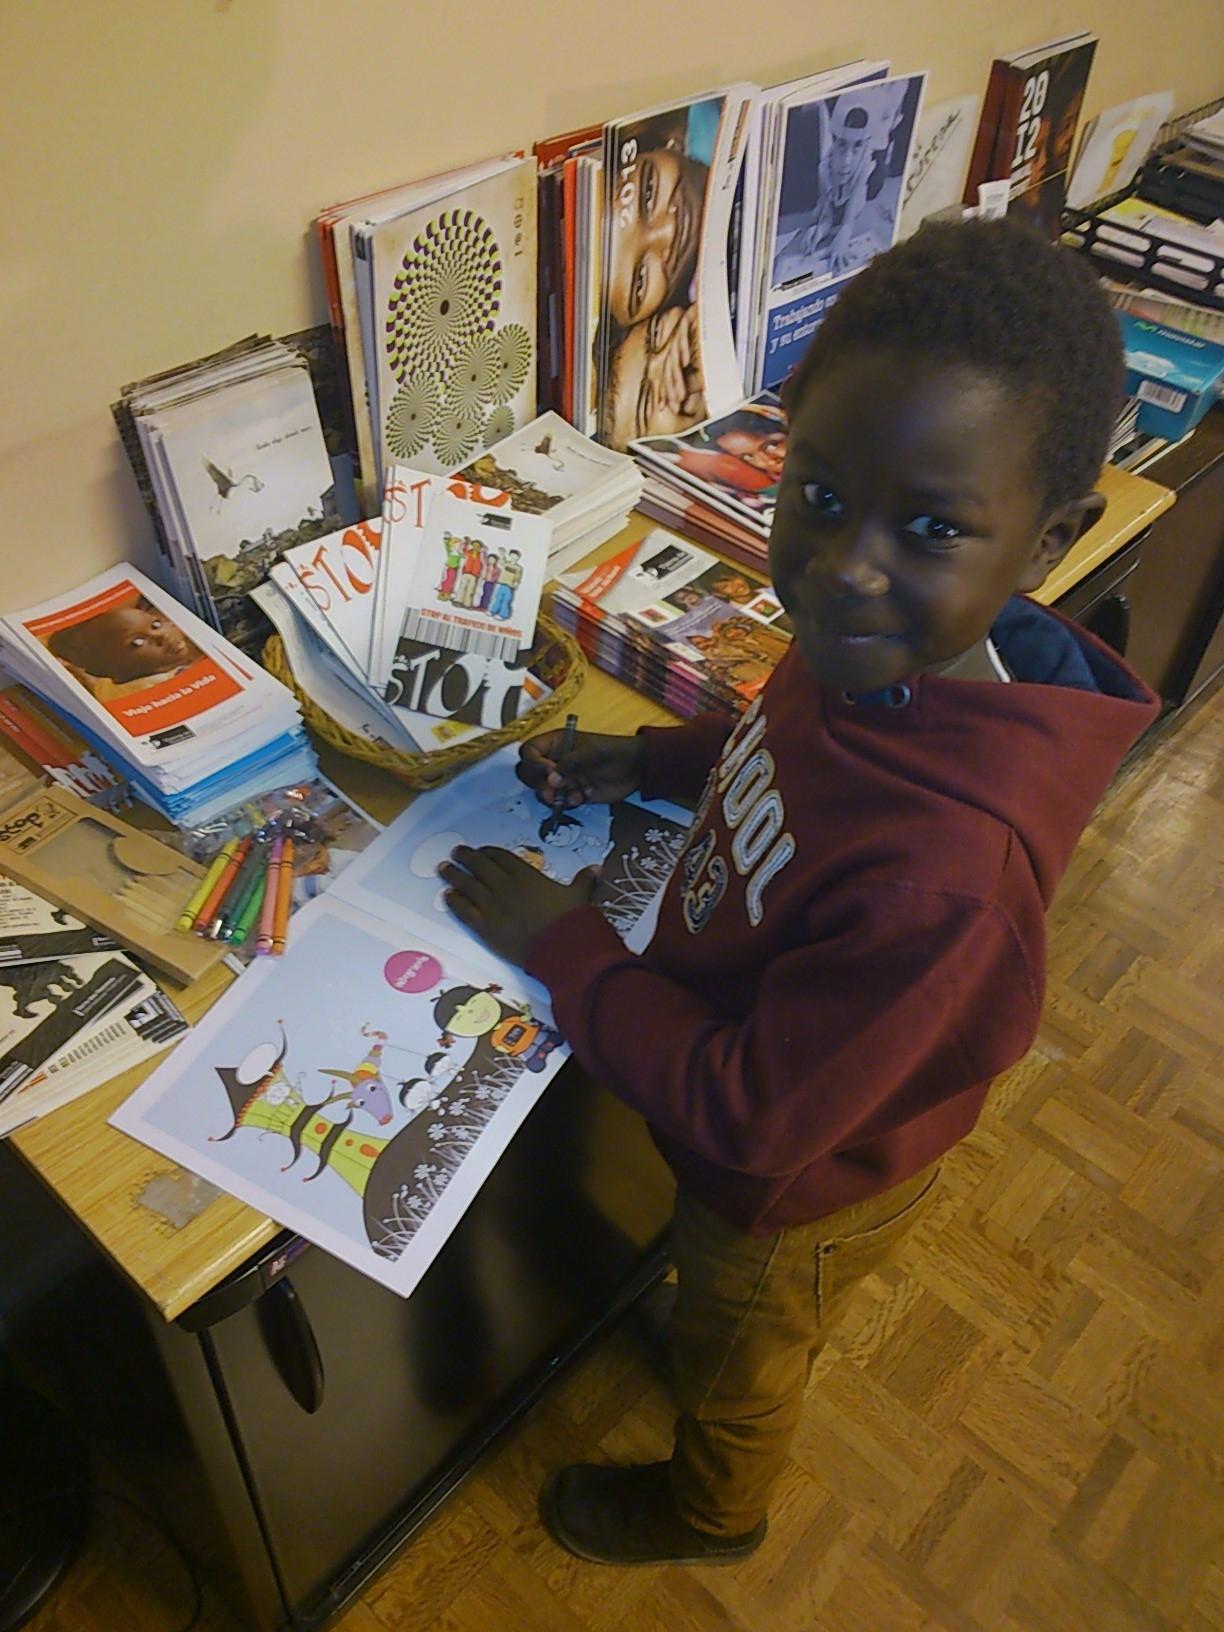 Moha, un niño senegalés de seis años, recupera su salud en España gracias a la Fundación Tierra de hombres y la Fundación Quirón